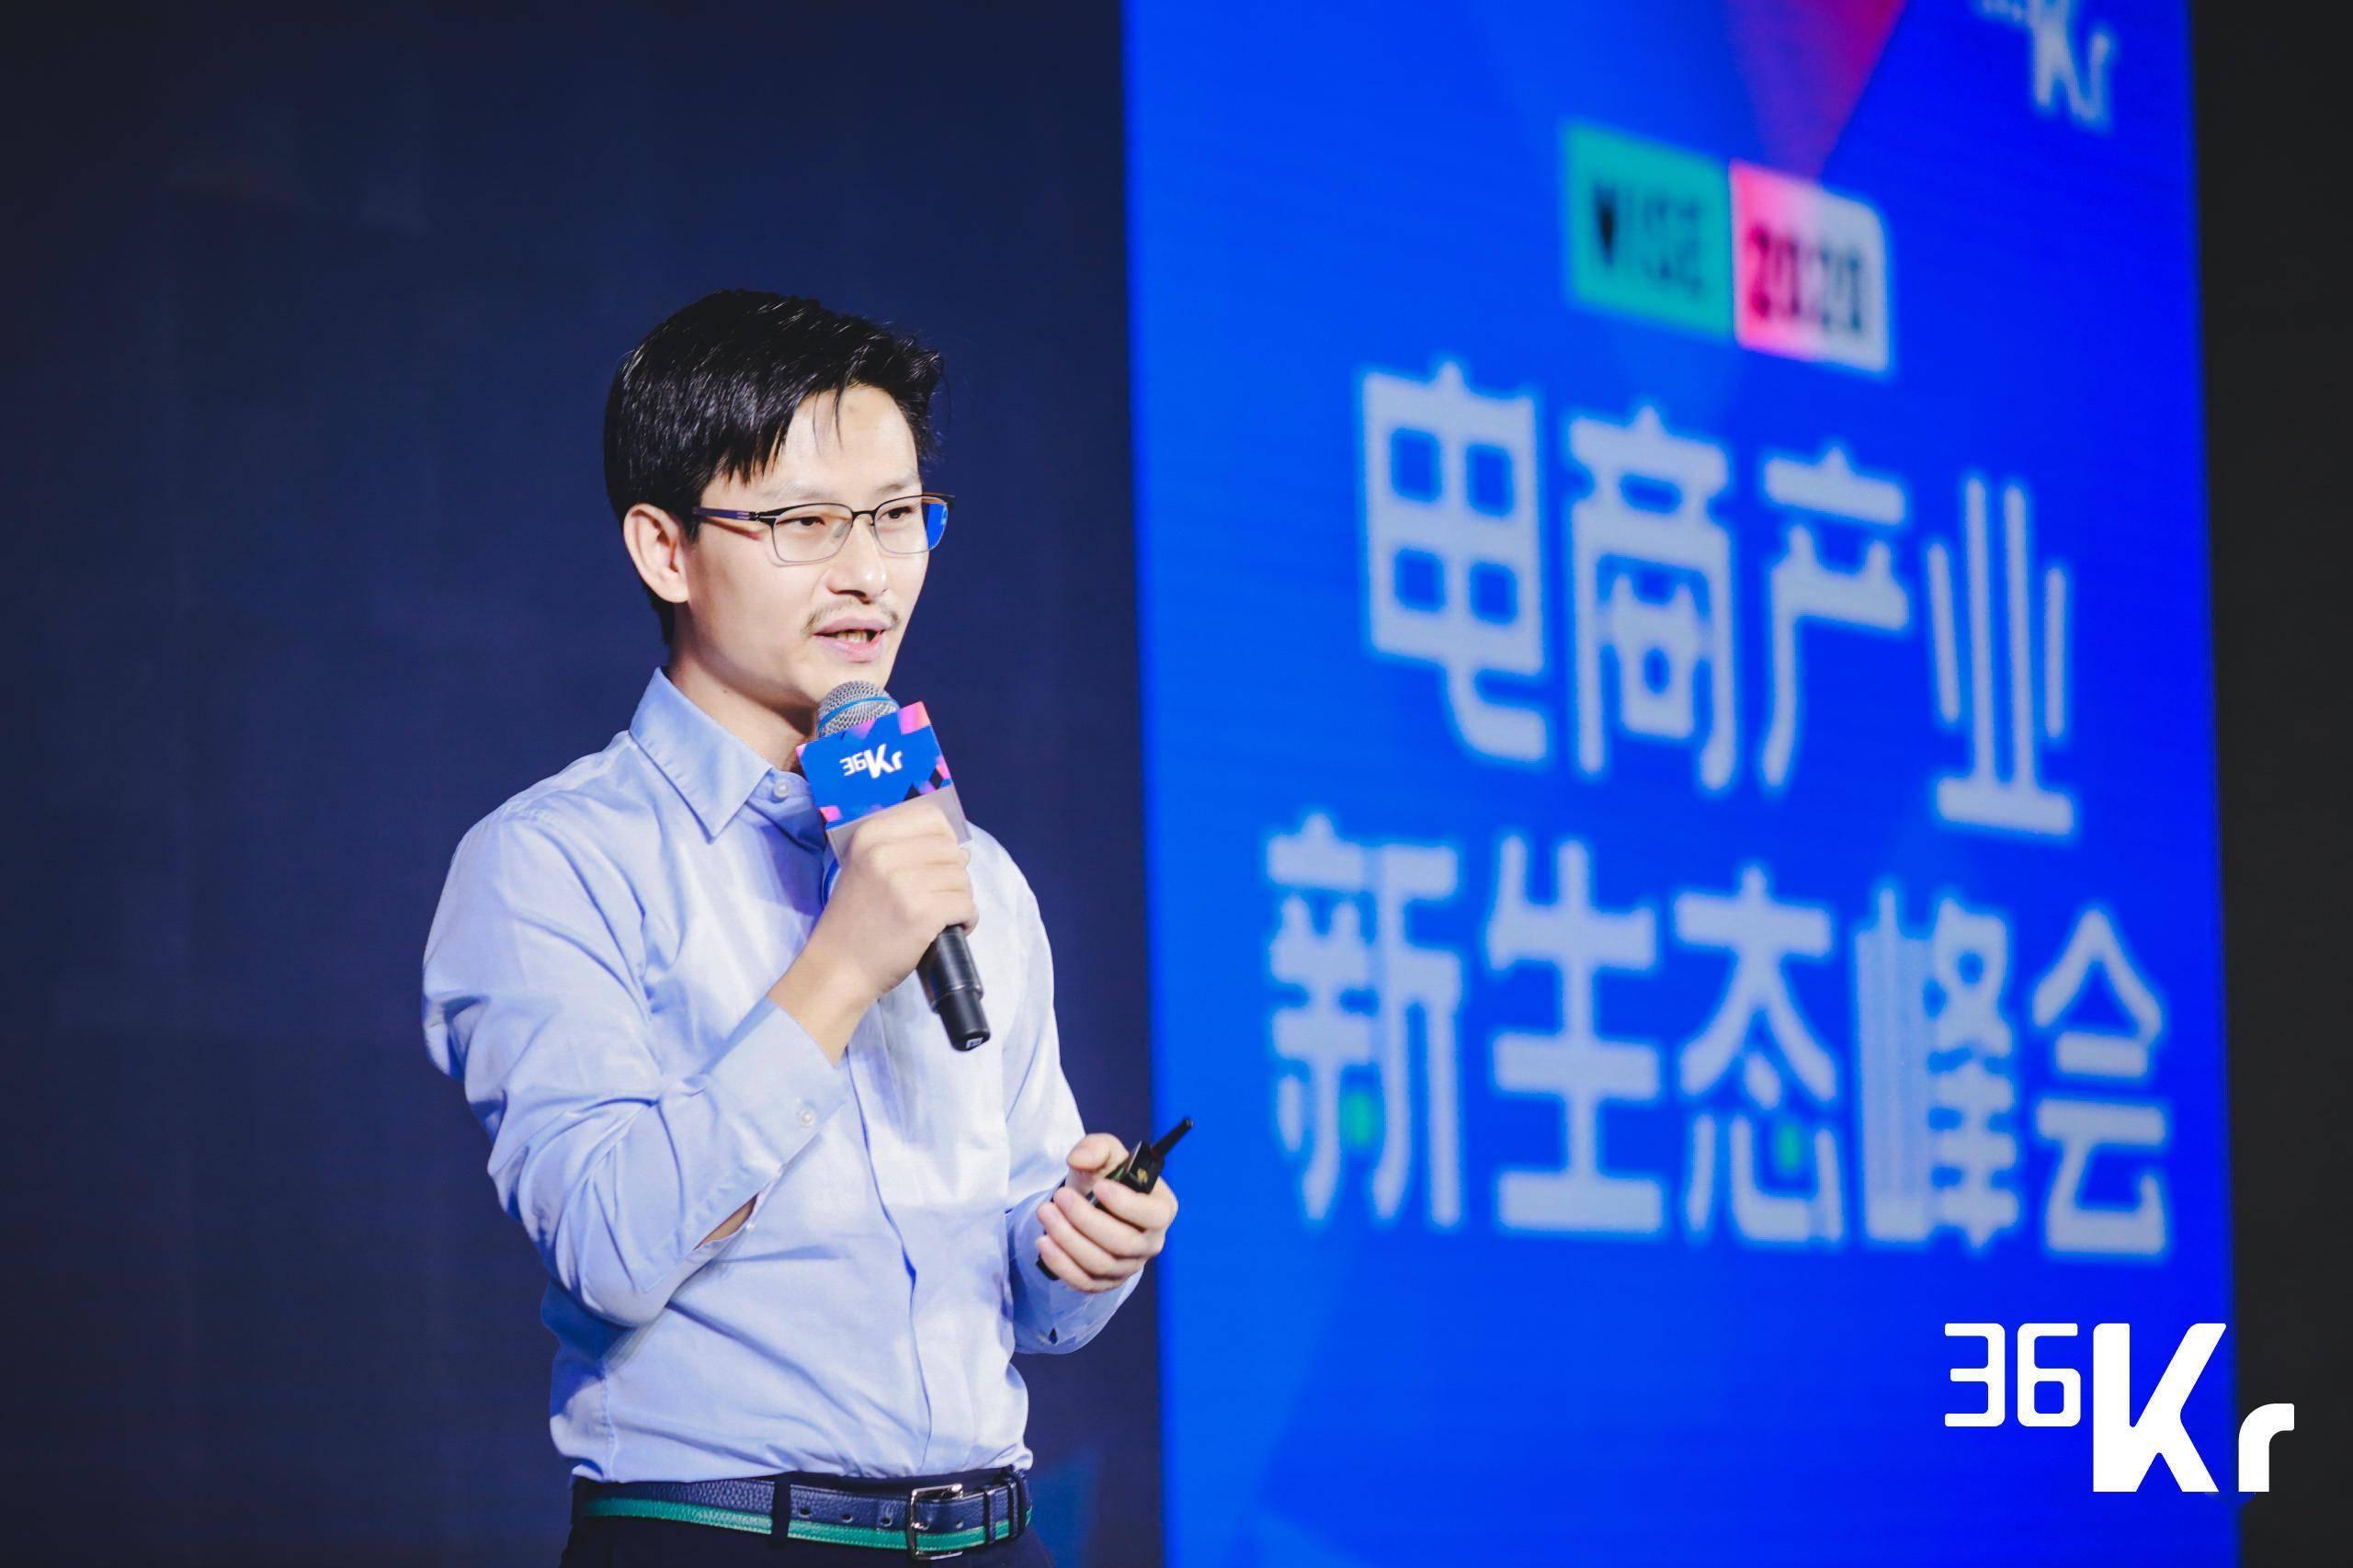 杰美特谌建平:手机壳第一股的品牌创新之路,从制造者视角转向用户视角 | WISE2020电商产业新生态峰会